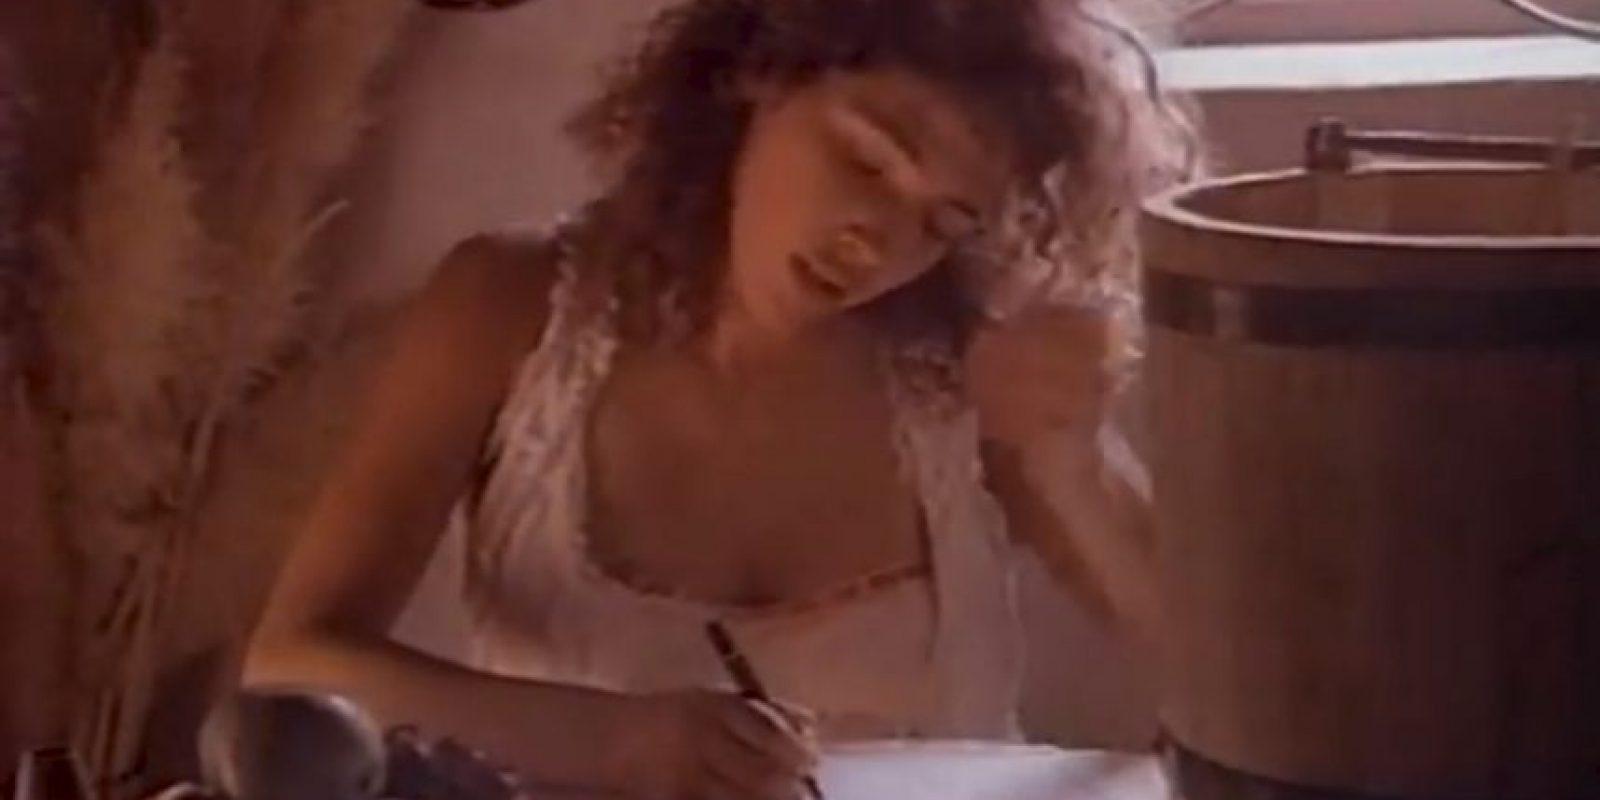 Luego de saltar a la fama como una de las jóvenes más bellas de aquella época, Carolina participó en diversos videoclips musicales Foto:vía youtube.com/OficialLuisMiguel